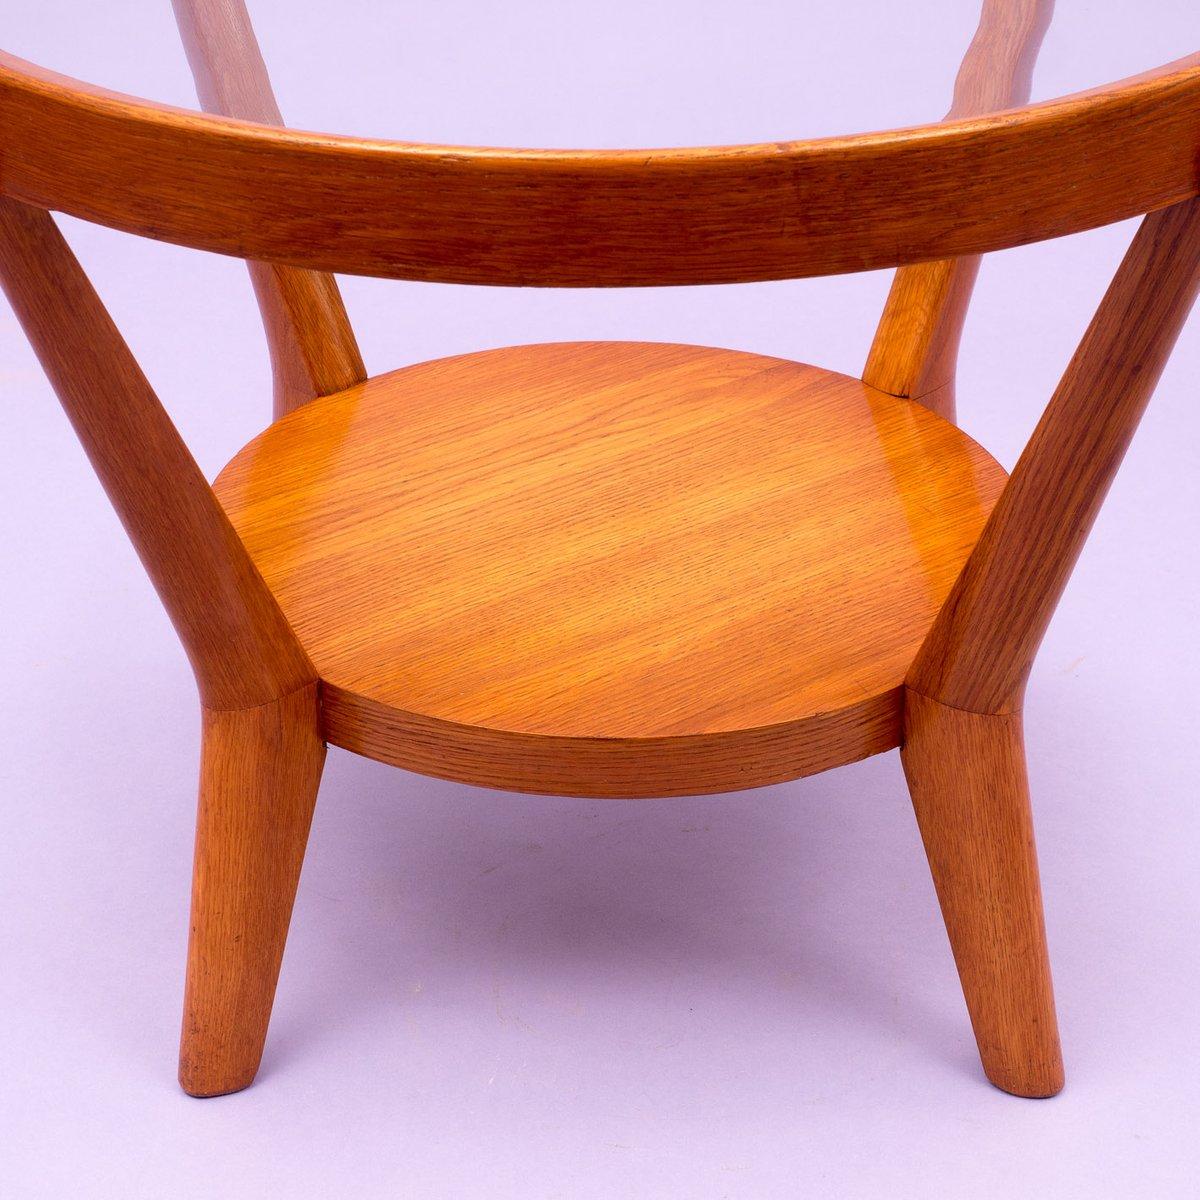 heller eichenholz couchtisch von kozelka kropacek 1940er bei pamono kaufen. Black Bedroom Furniture Sets. Home Design Ideas